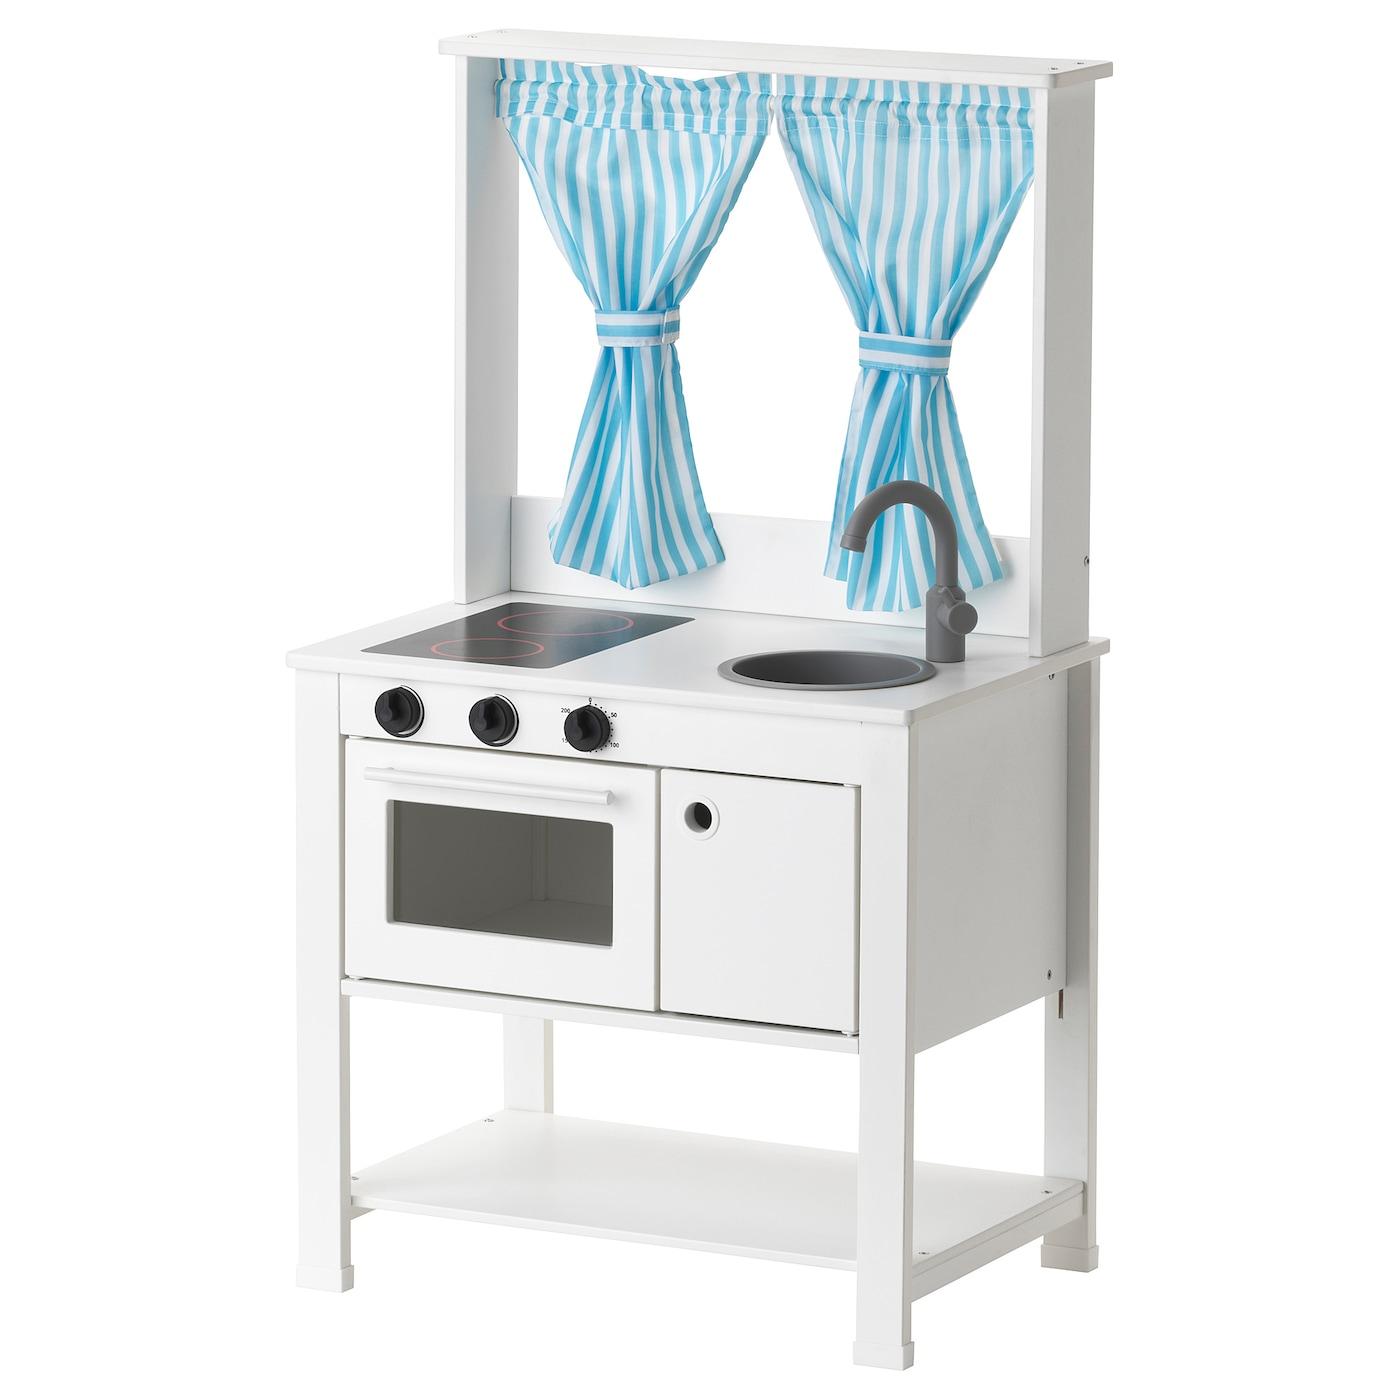 IKEA SPISIG Küche